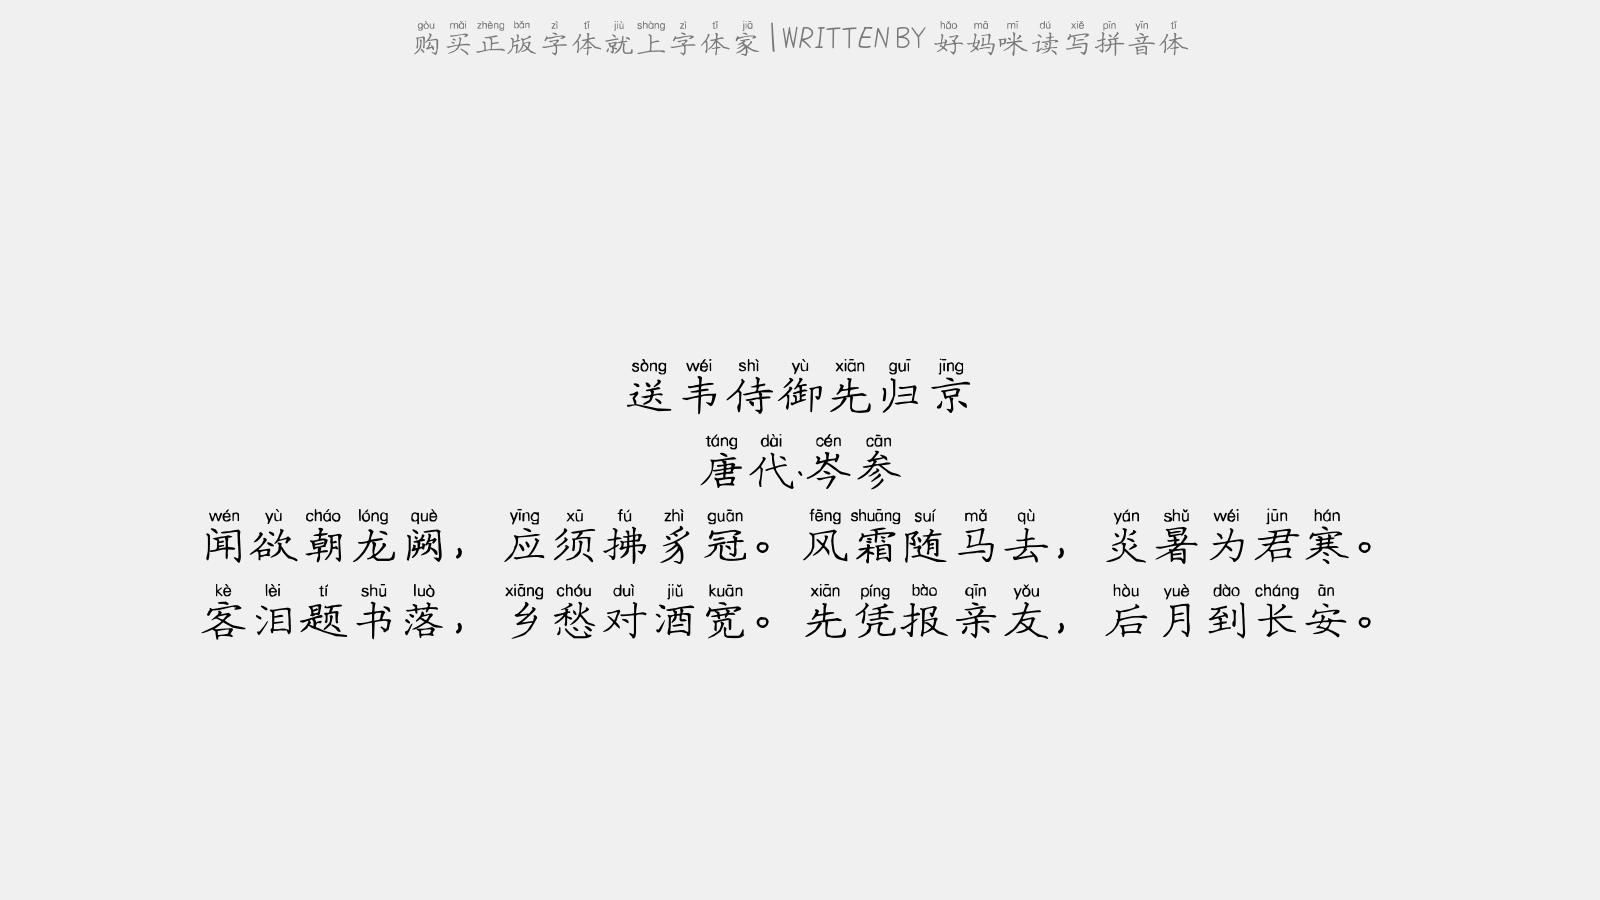 好媽咪讀寫拼音體 - 送韋侍御先歸京(得寬字)